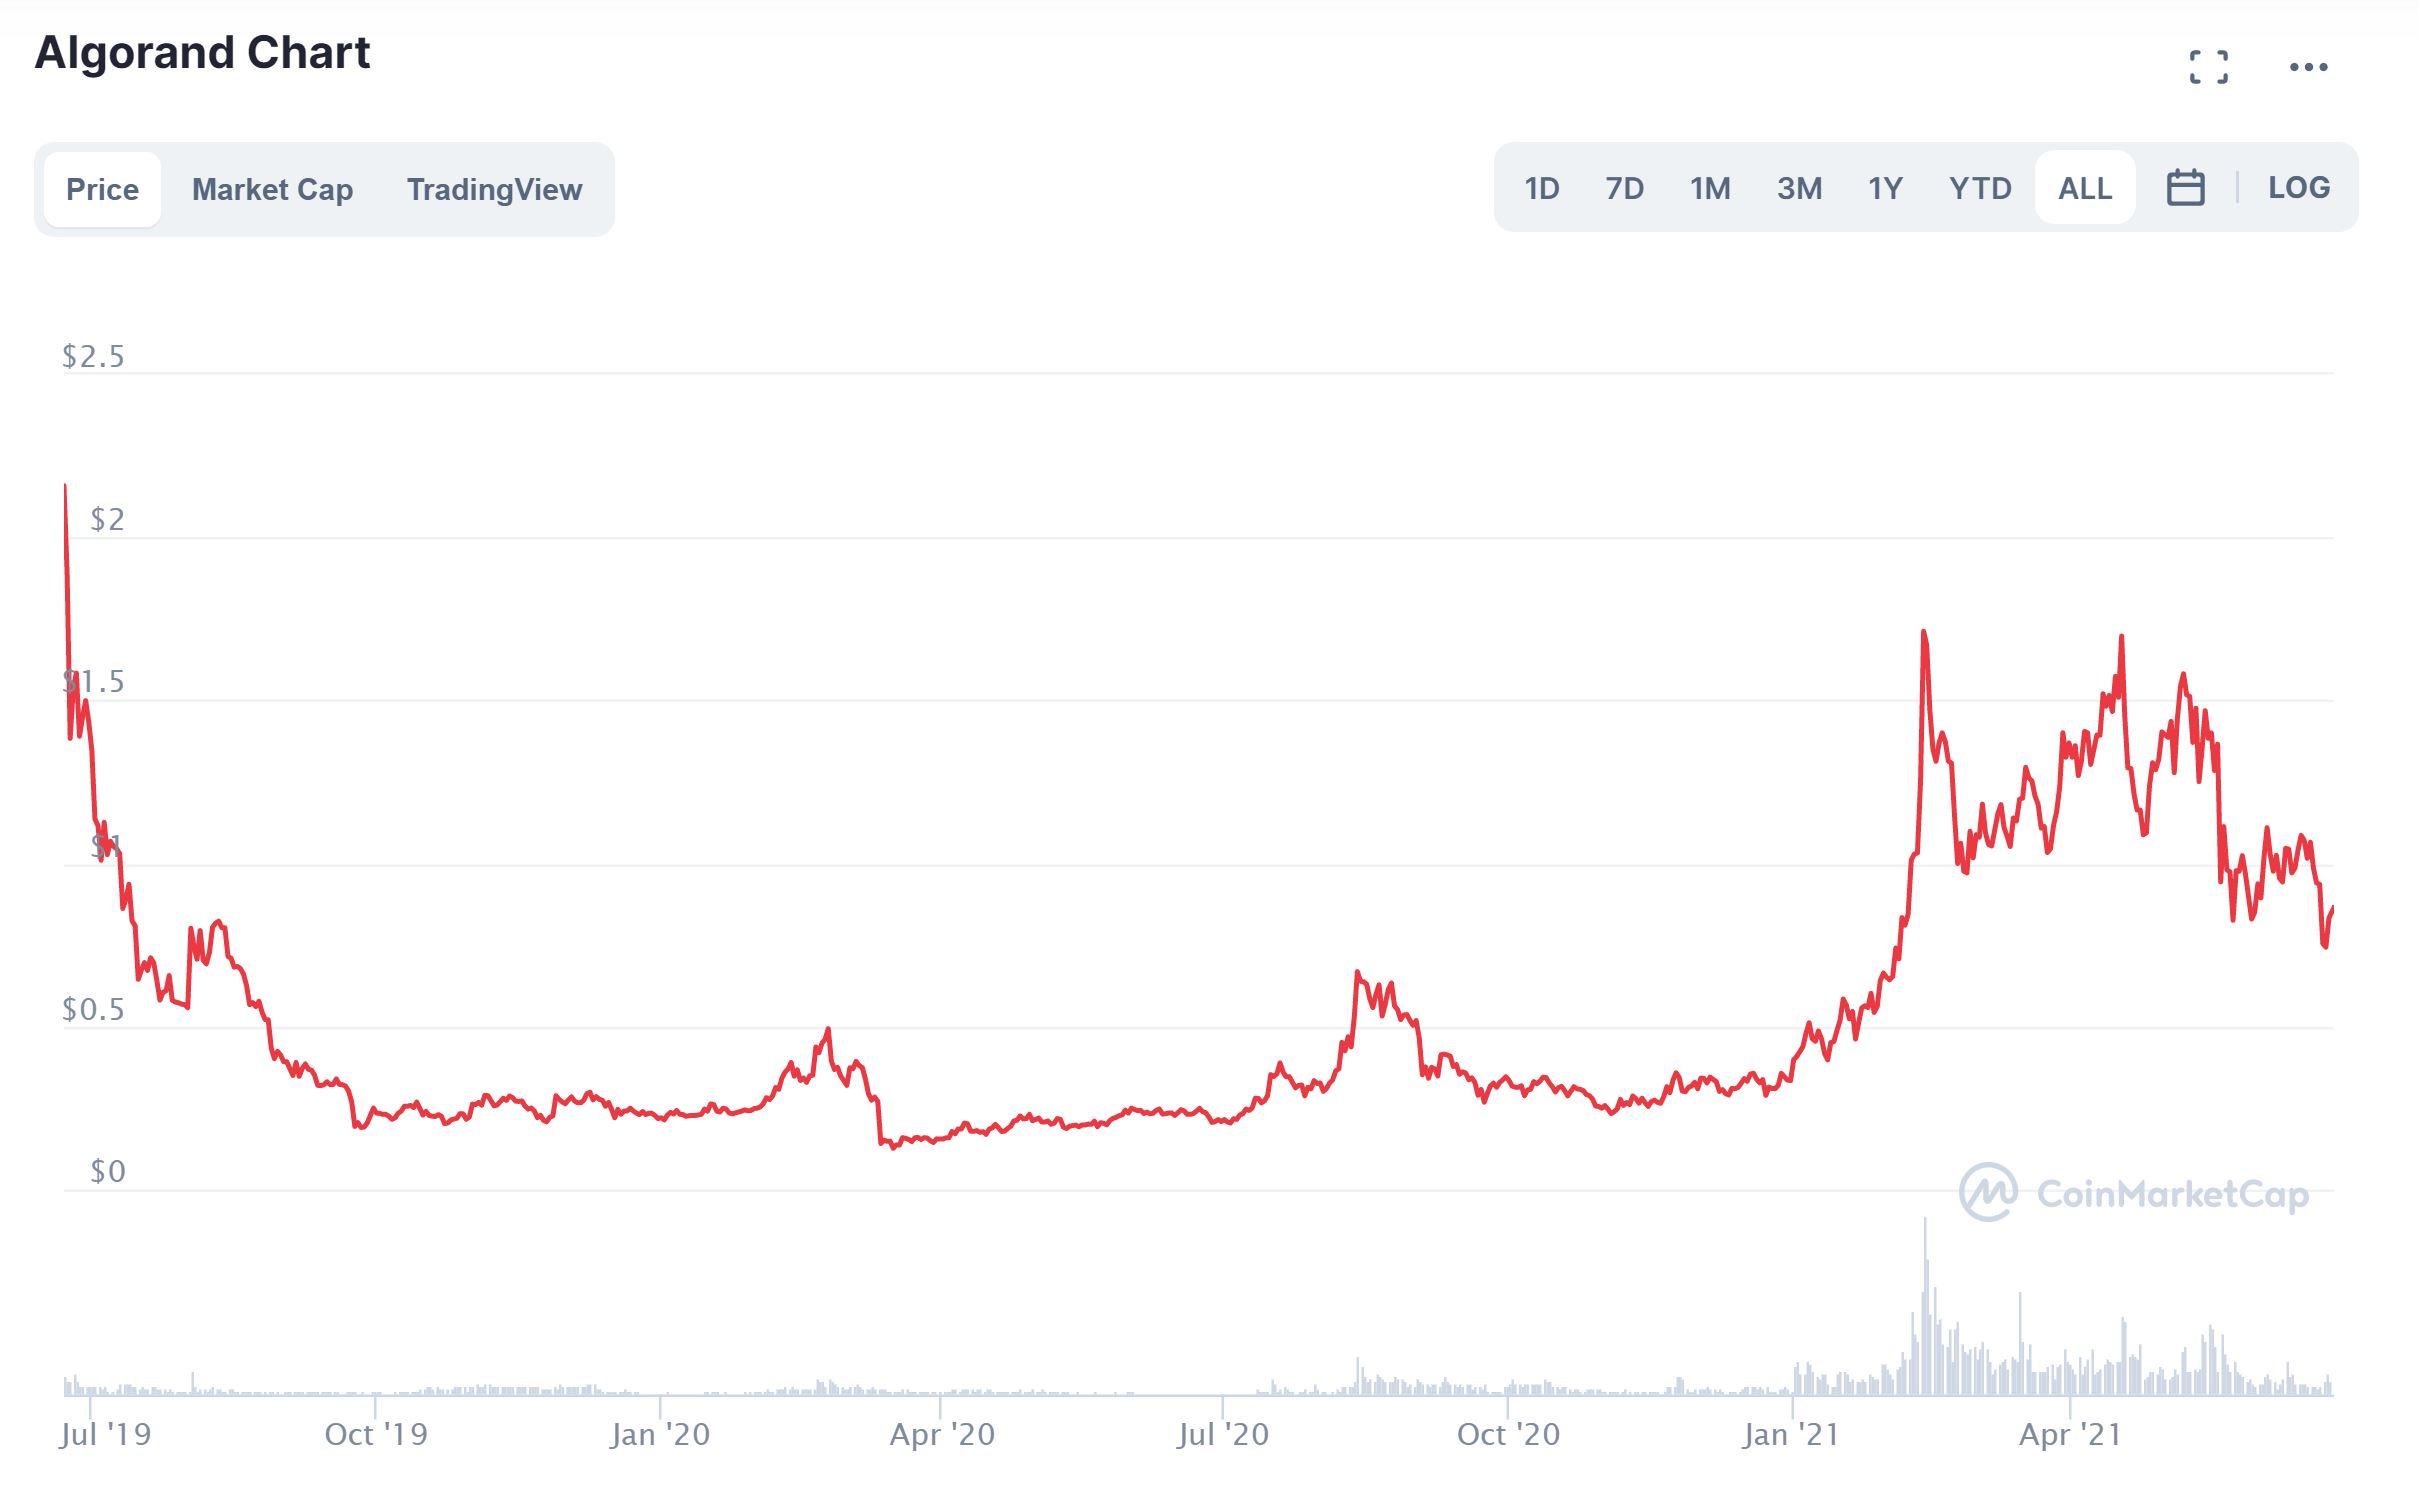 Gráfico de precios de Algorand CoinMarketCap